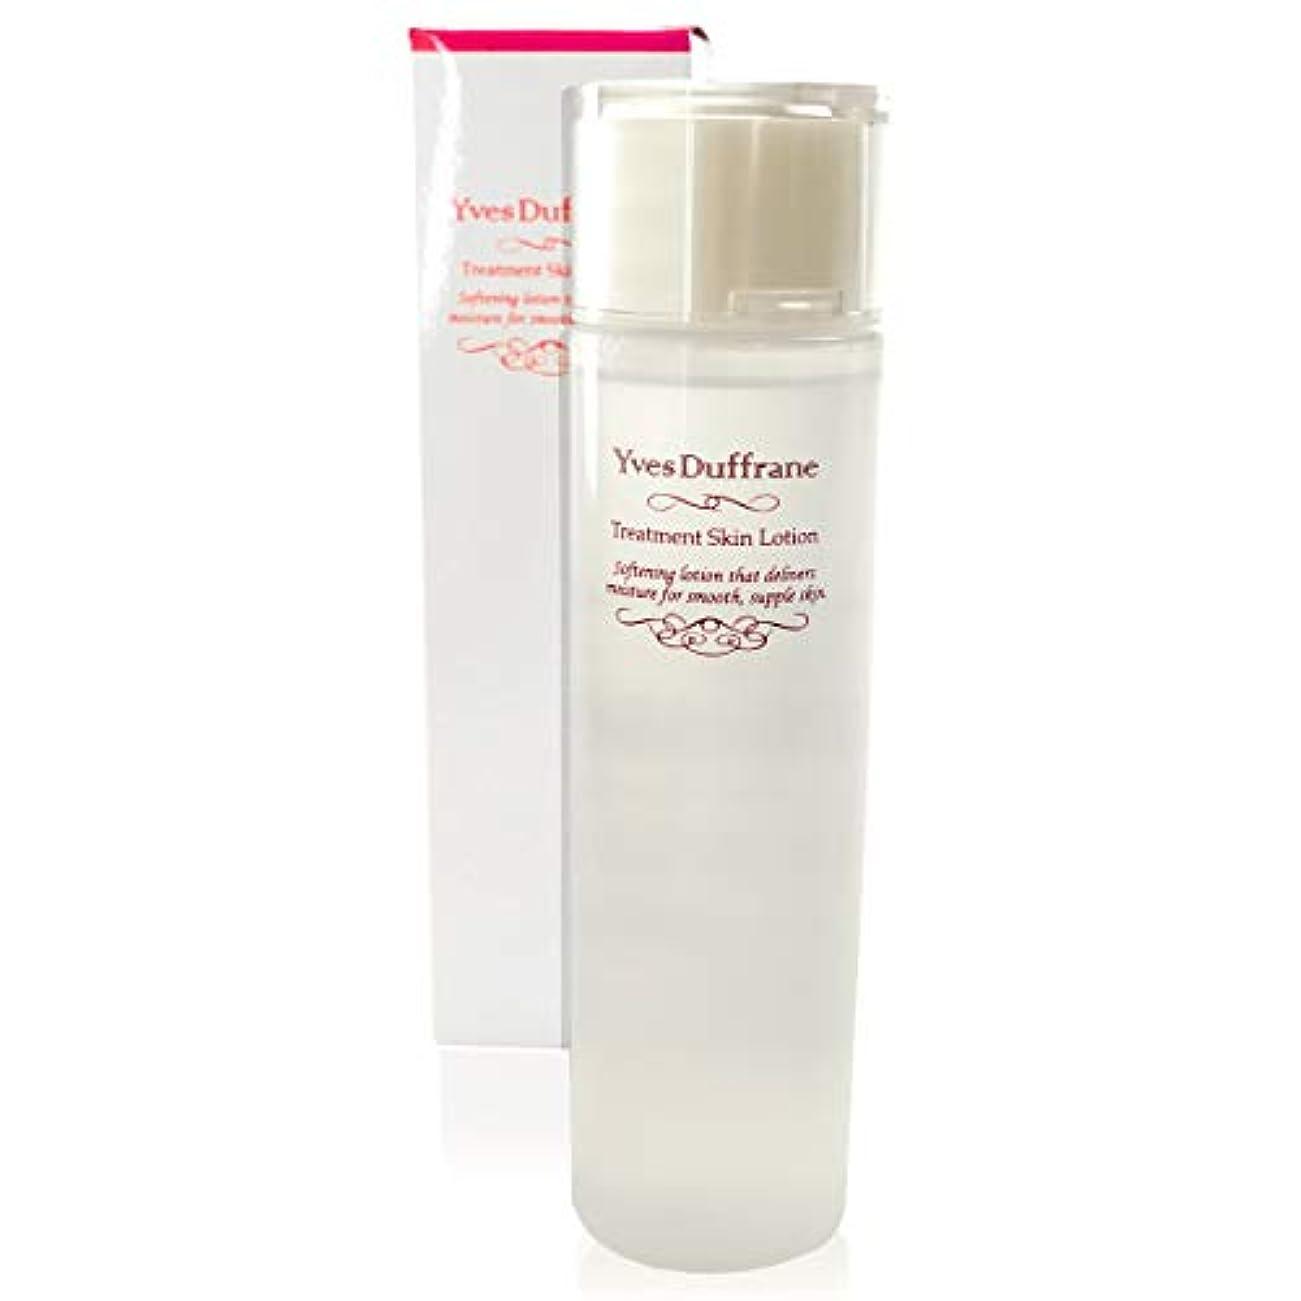 多年生キャベツ求める化粧水/セラミド アミノ酸/人気 敏感肌 保湿 おすすめ [トリートメントスキンローション]